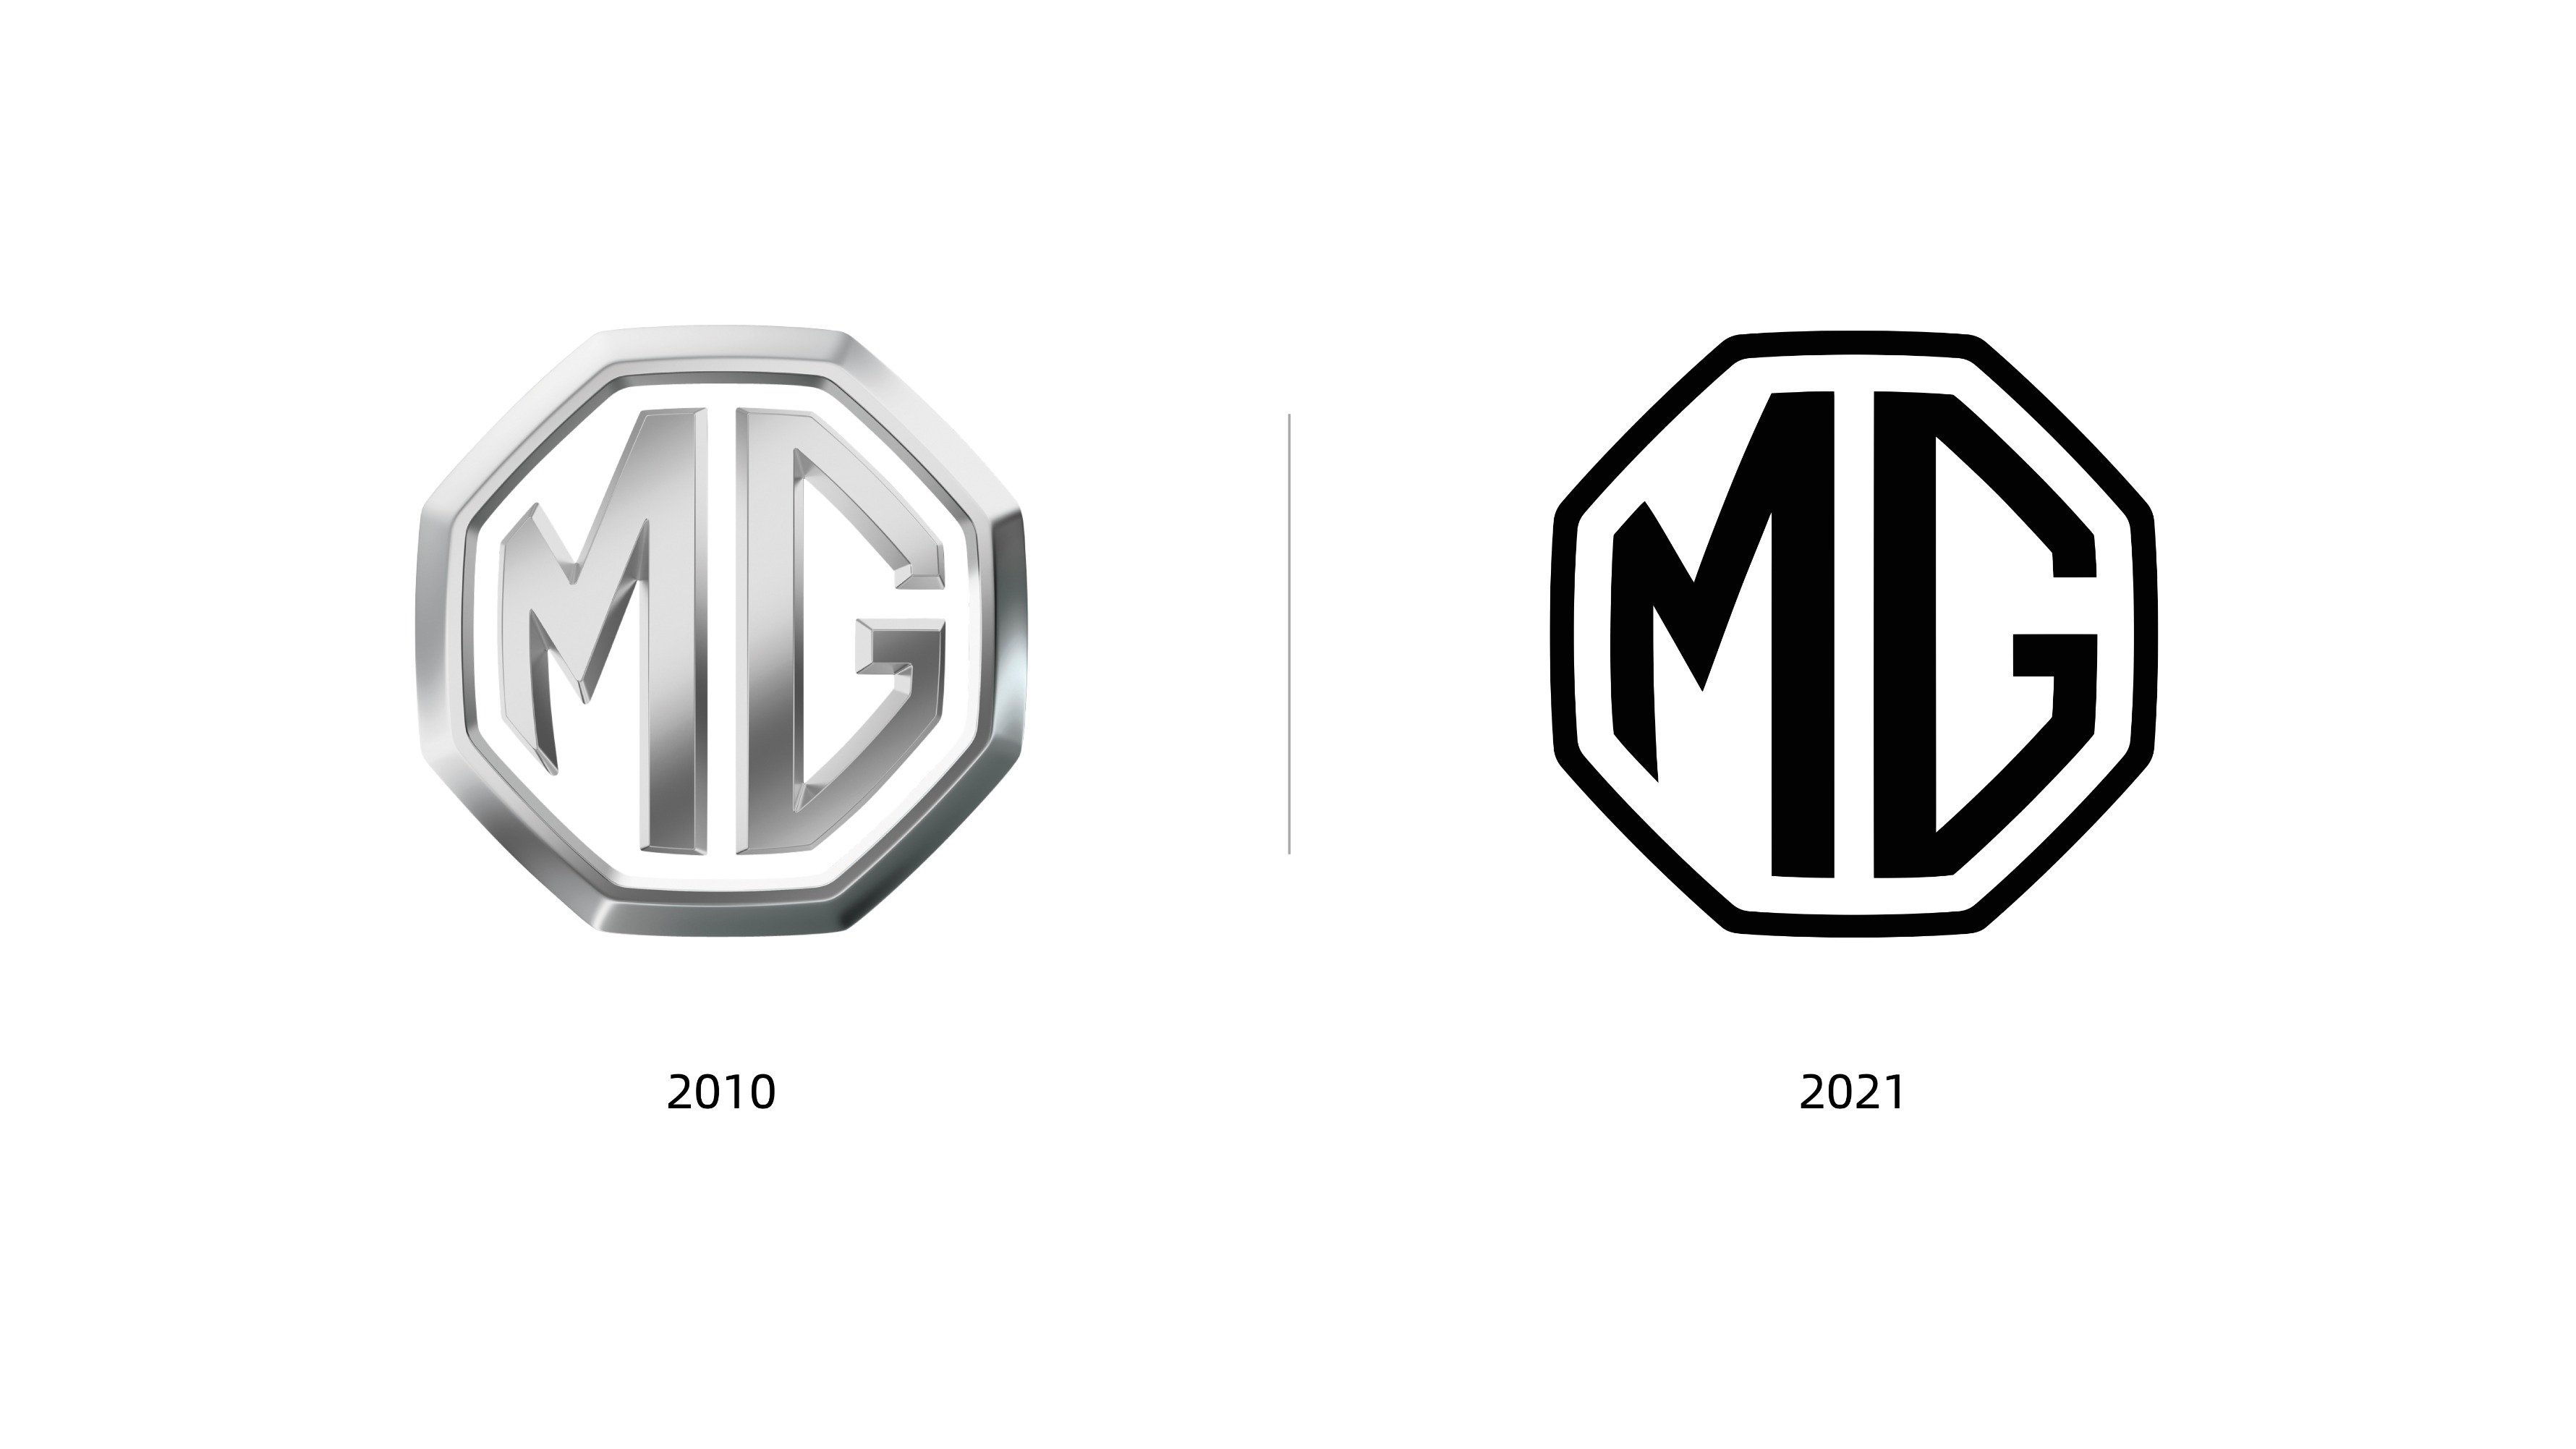 上汽名爵发布全新品牌Logo  将采用新产品线、新平台